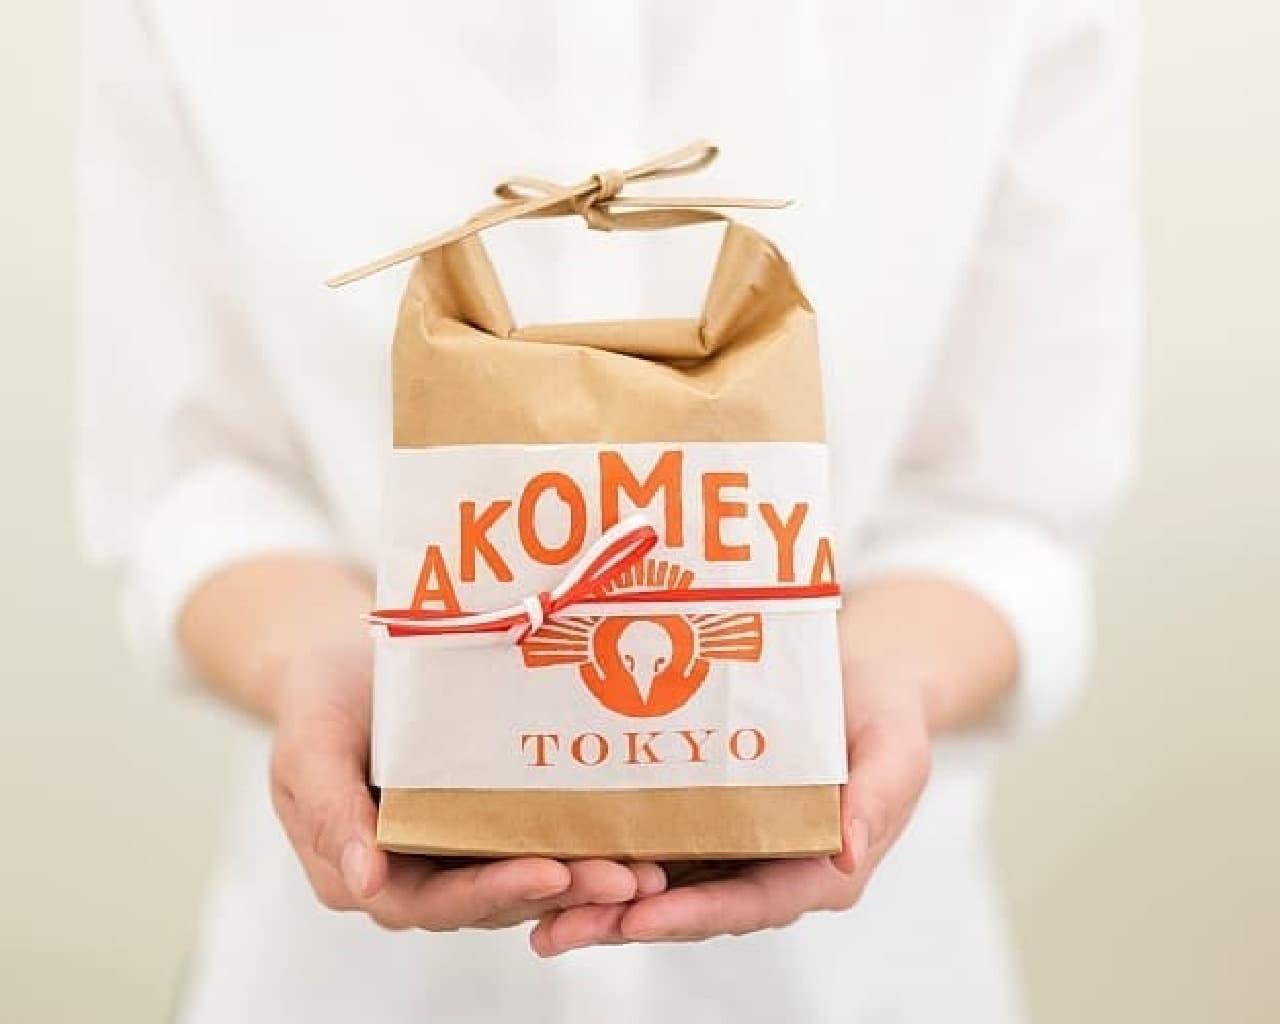 AKOMEYA TOKYO(アコメヤ トウキョウ)のマザーブレンド米